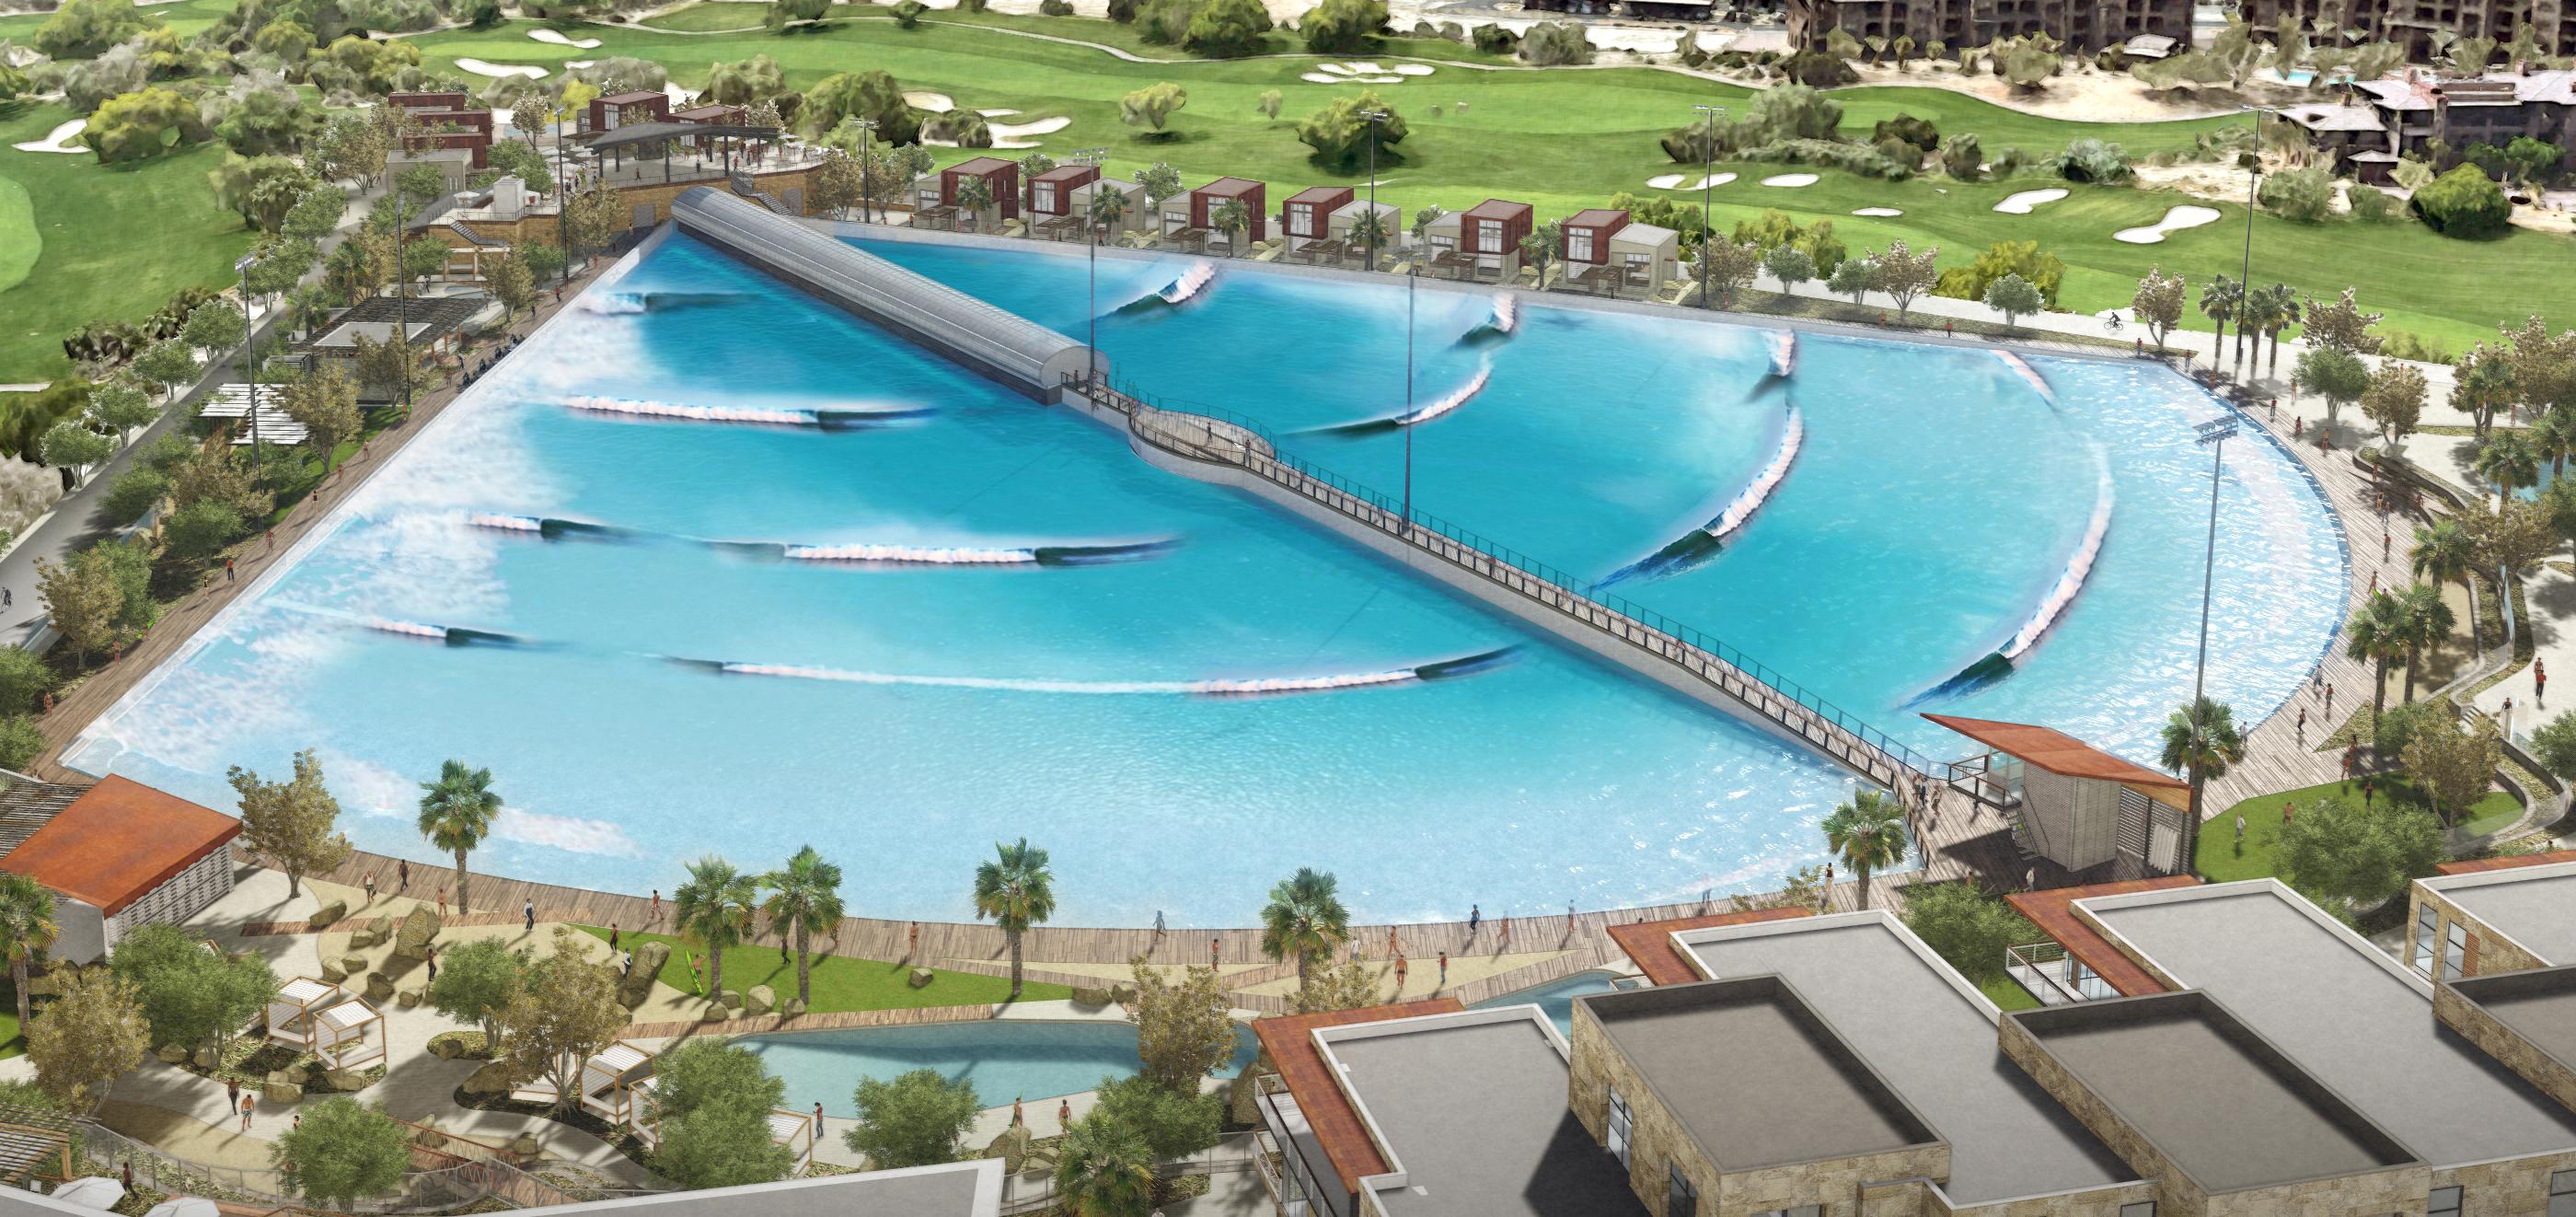 California se prepara para la construcción de una nueva piscina de olas